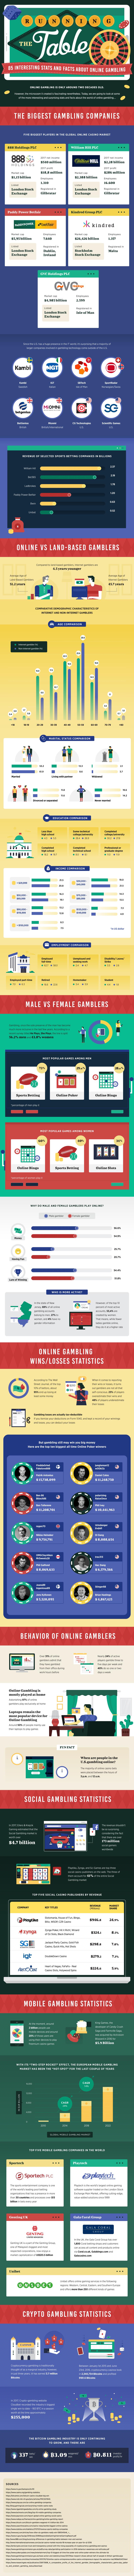 Online gambling legalisation